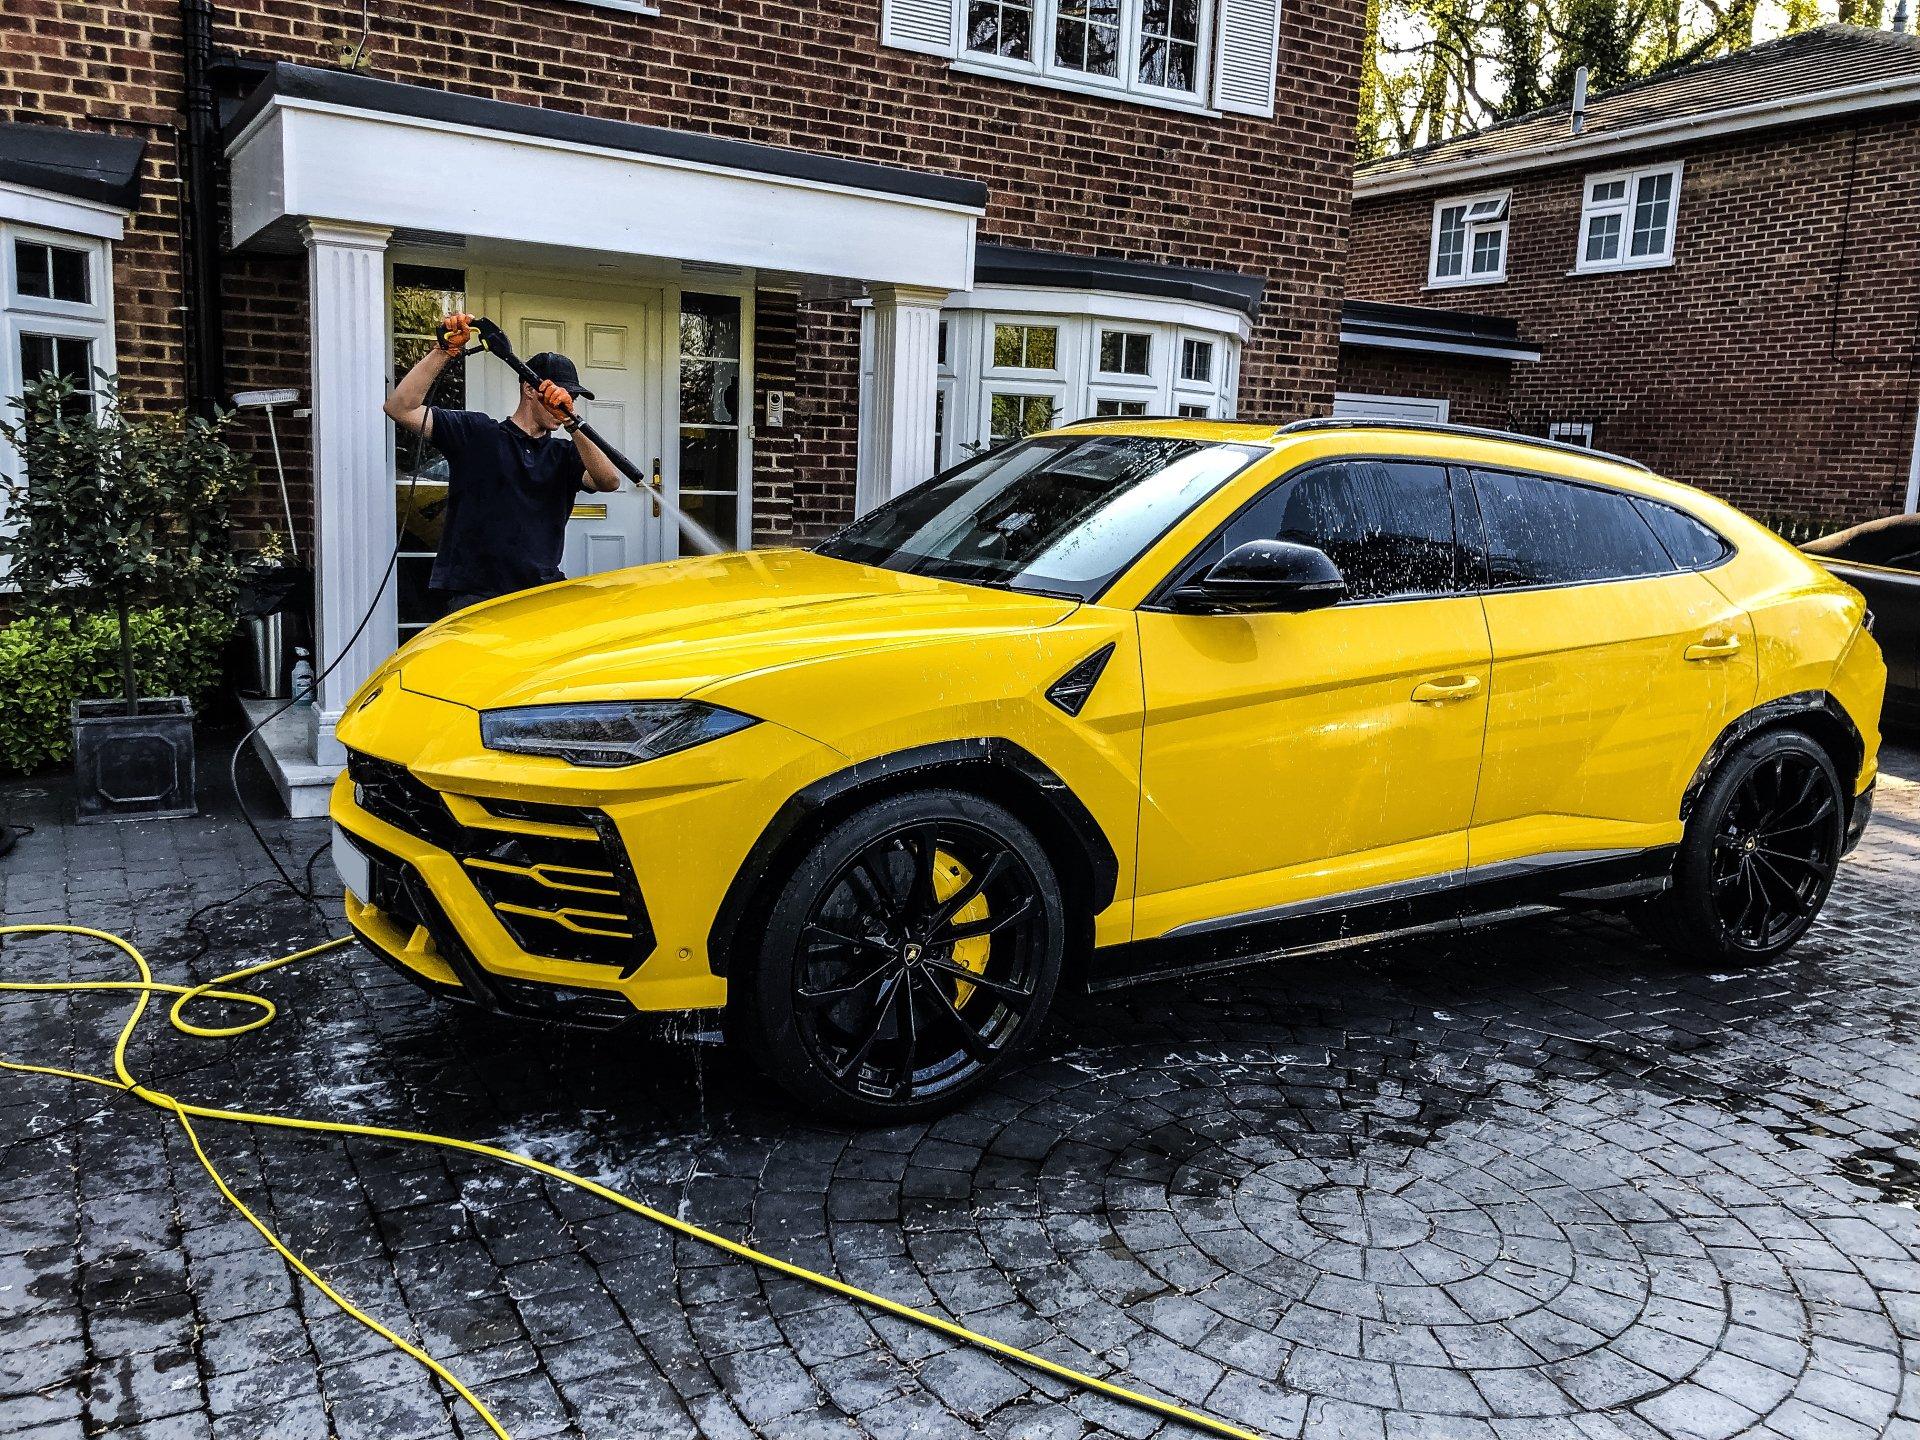 Tino Mobile Car Wash: Car Wash Near Me